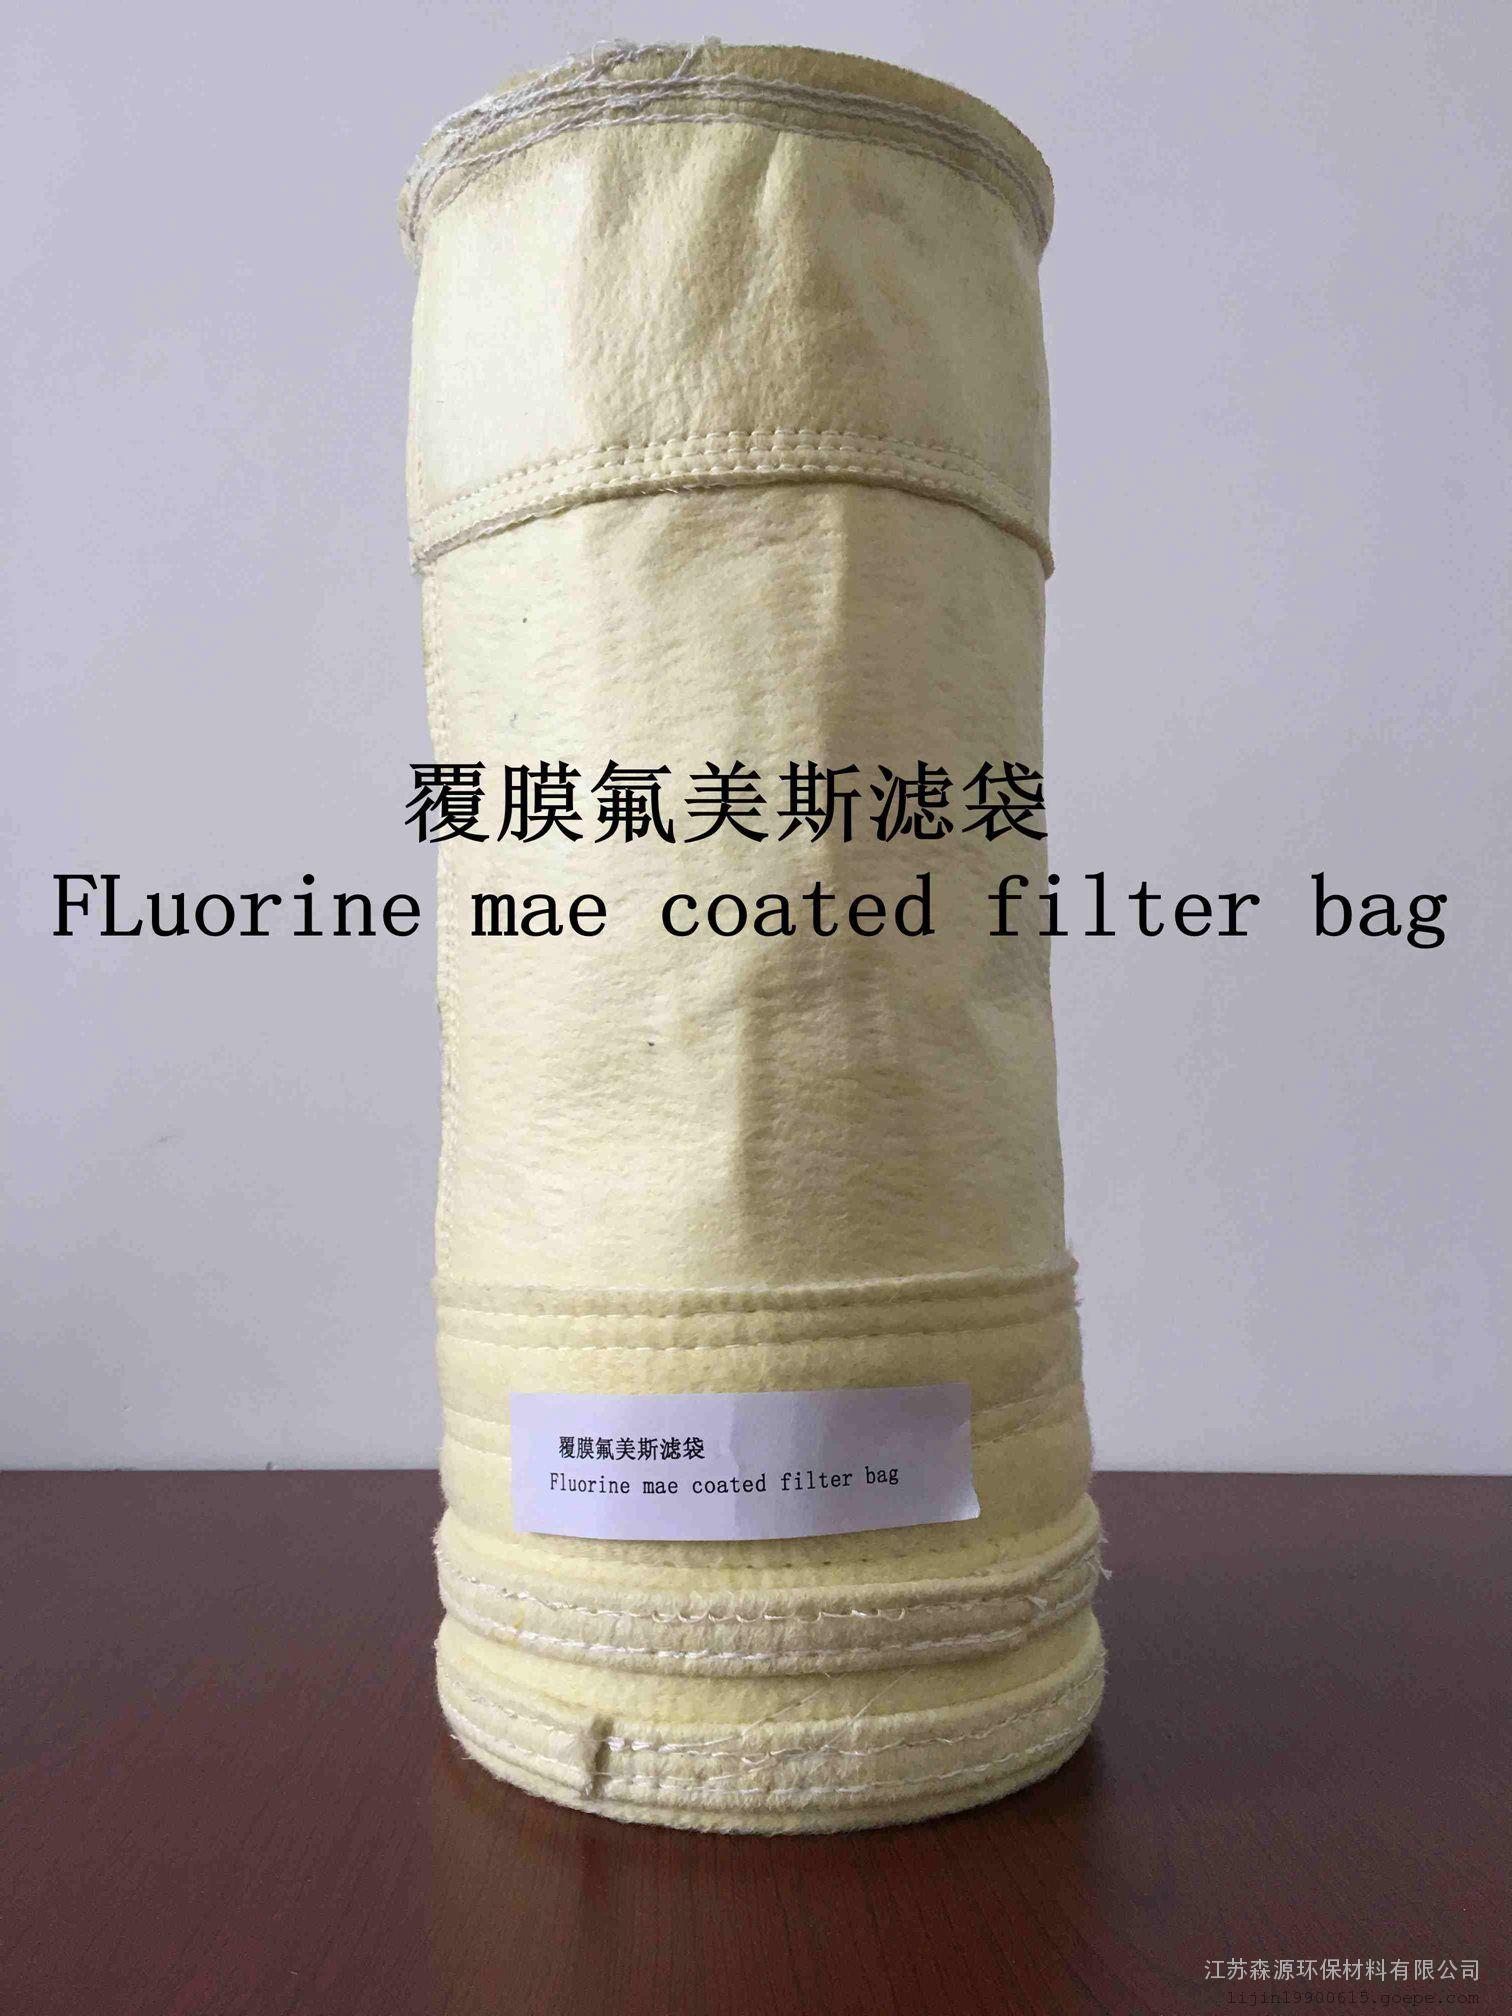 生物质锅炉用覆膜氟美斯过滤袋